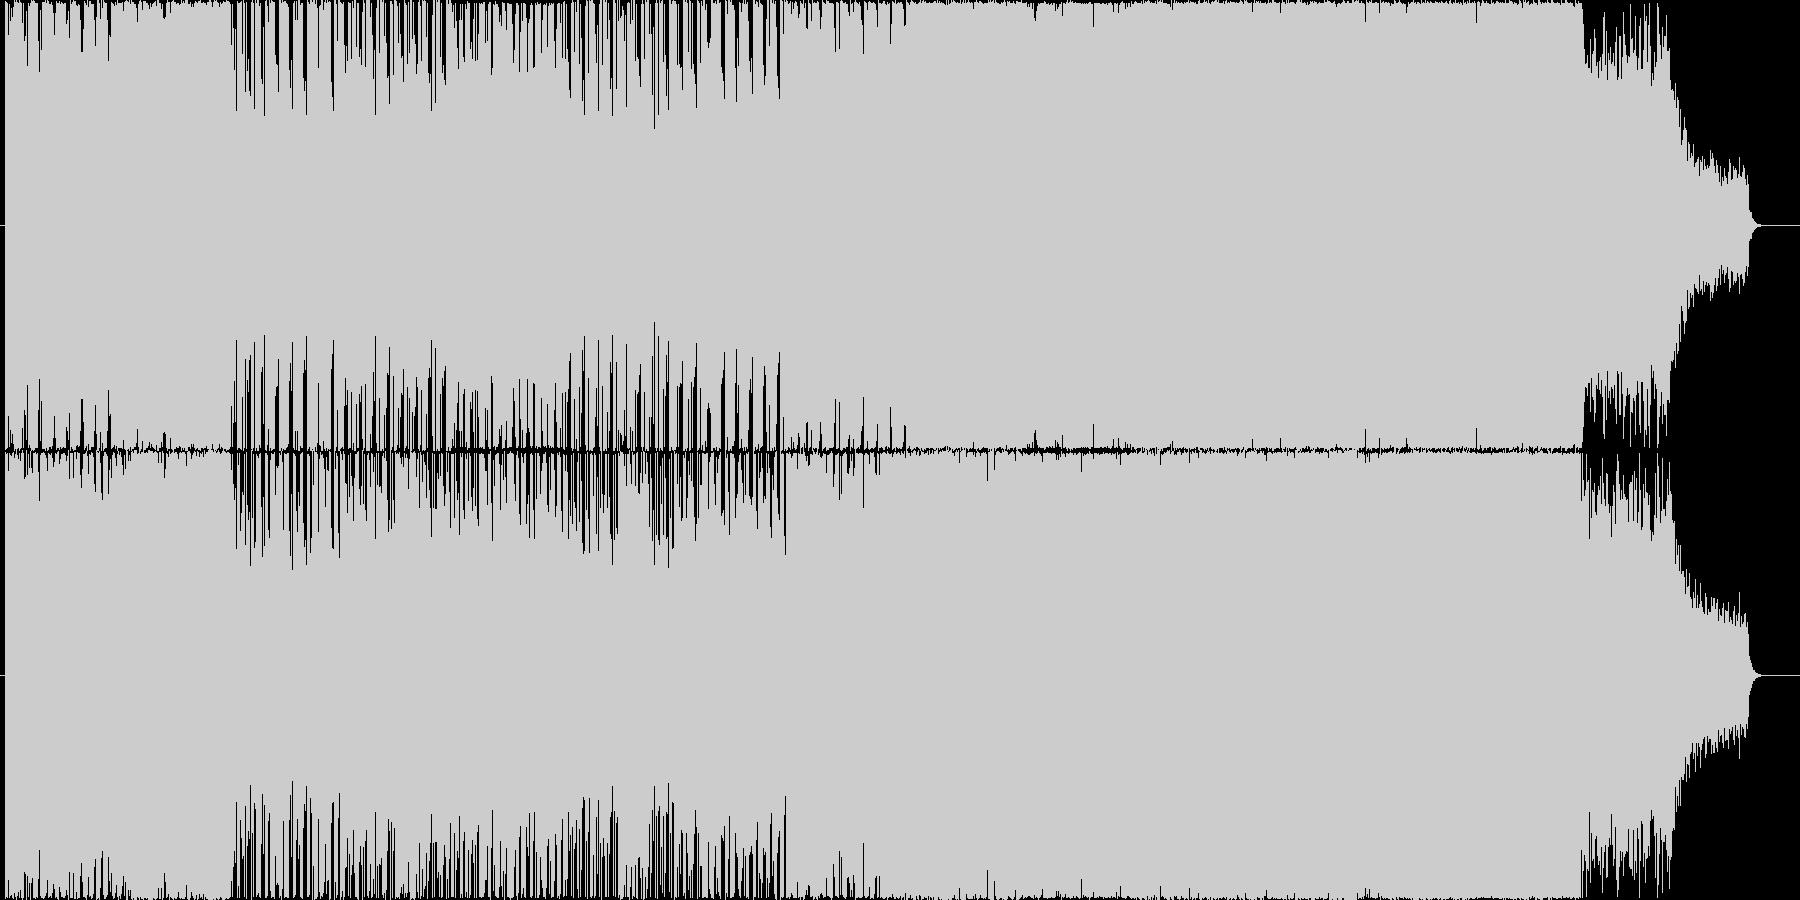 夜空の下で疾走するような感じのBGMの未再生の波形